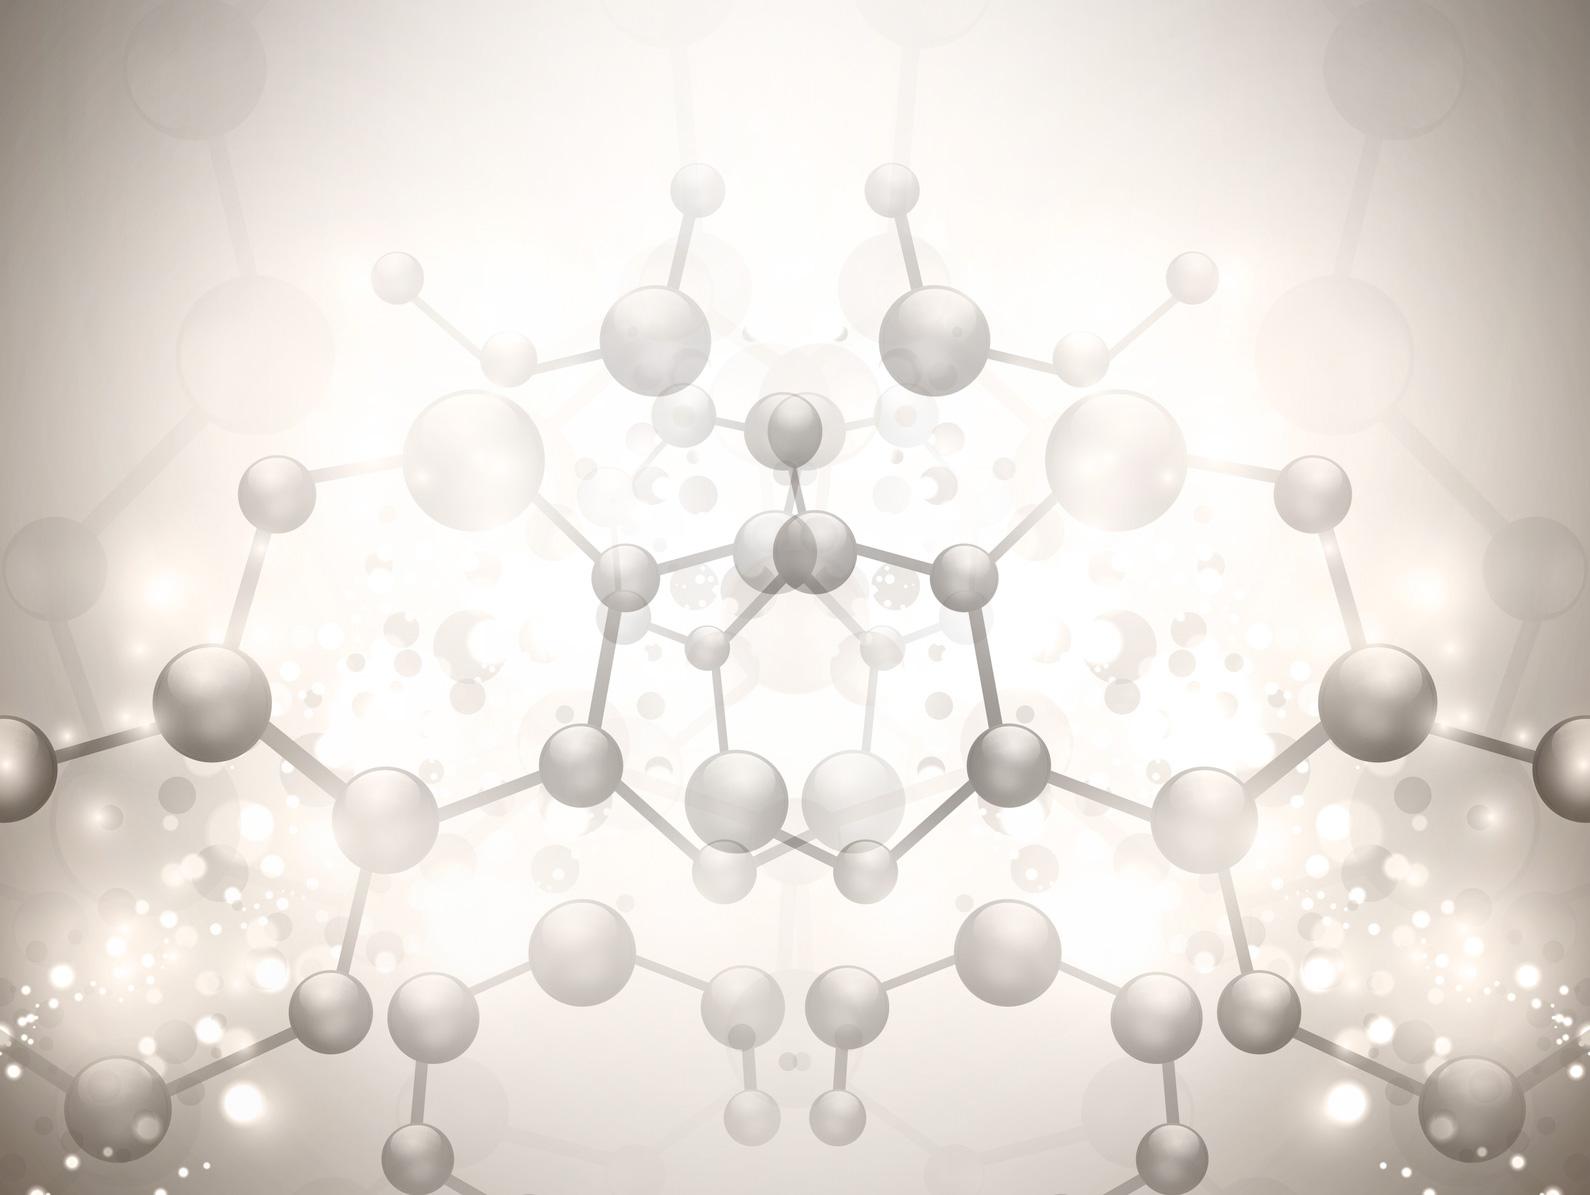 produits chimiques éco-responsable